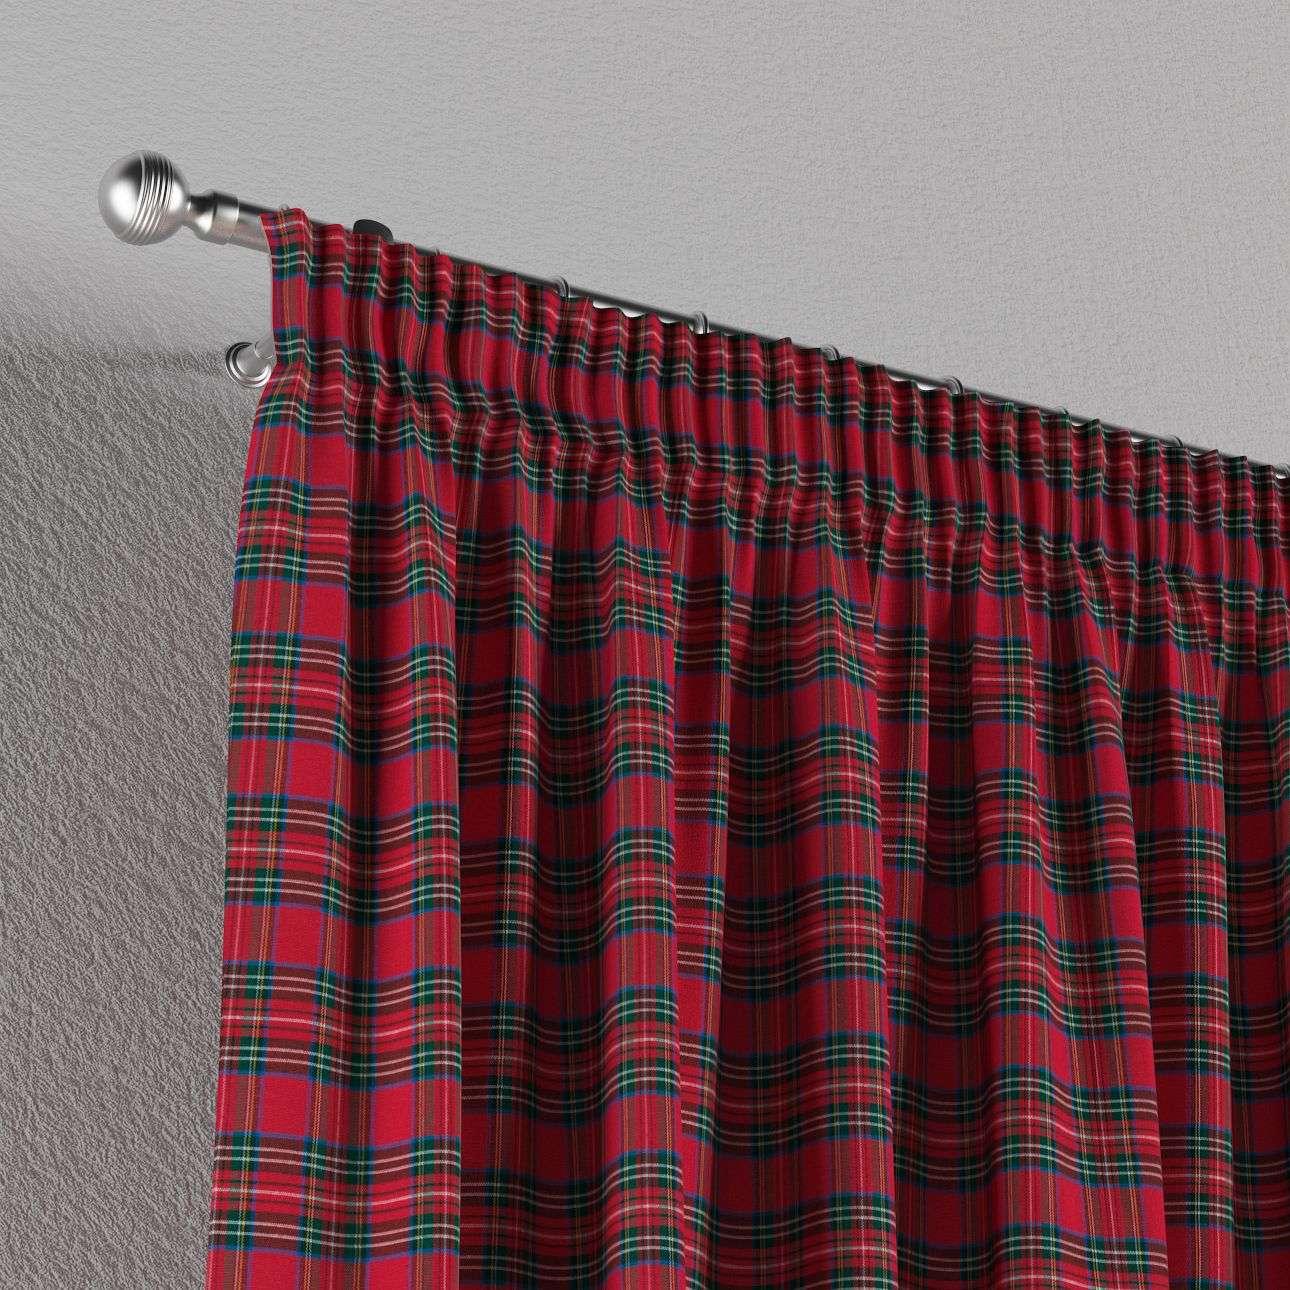 Záves na riasiacej páske 130 x 260 cm V kolekcii Bristol, tkanina: 126-29